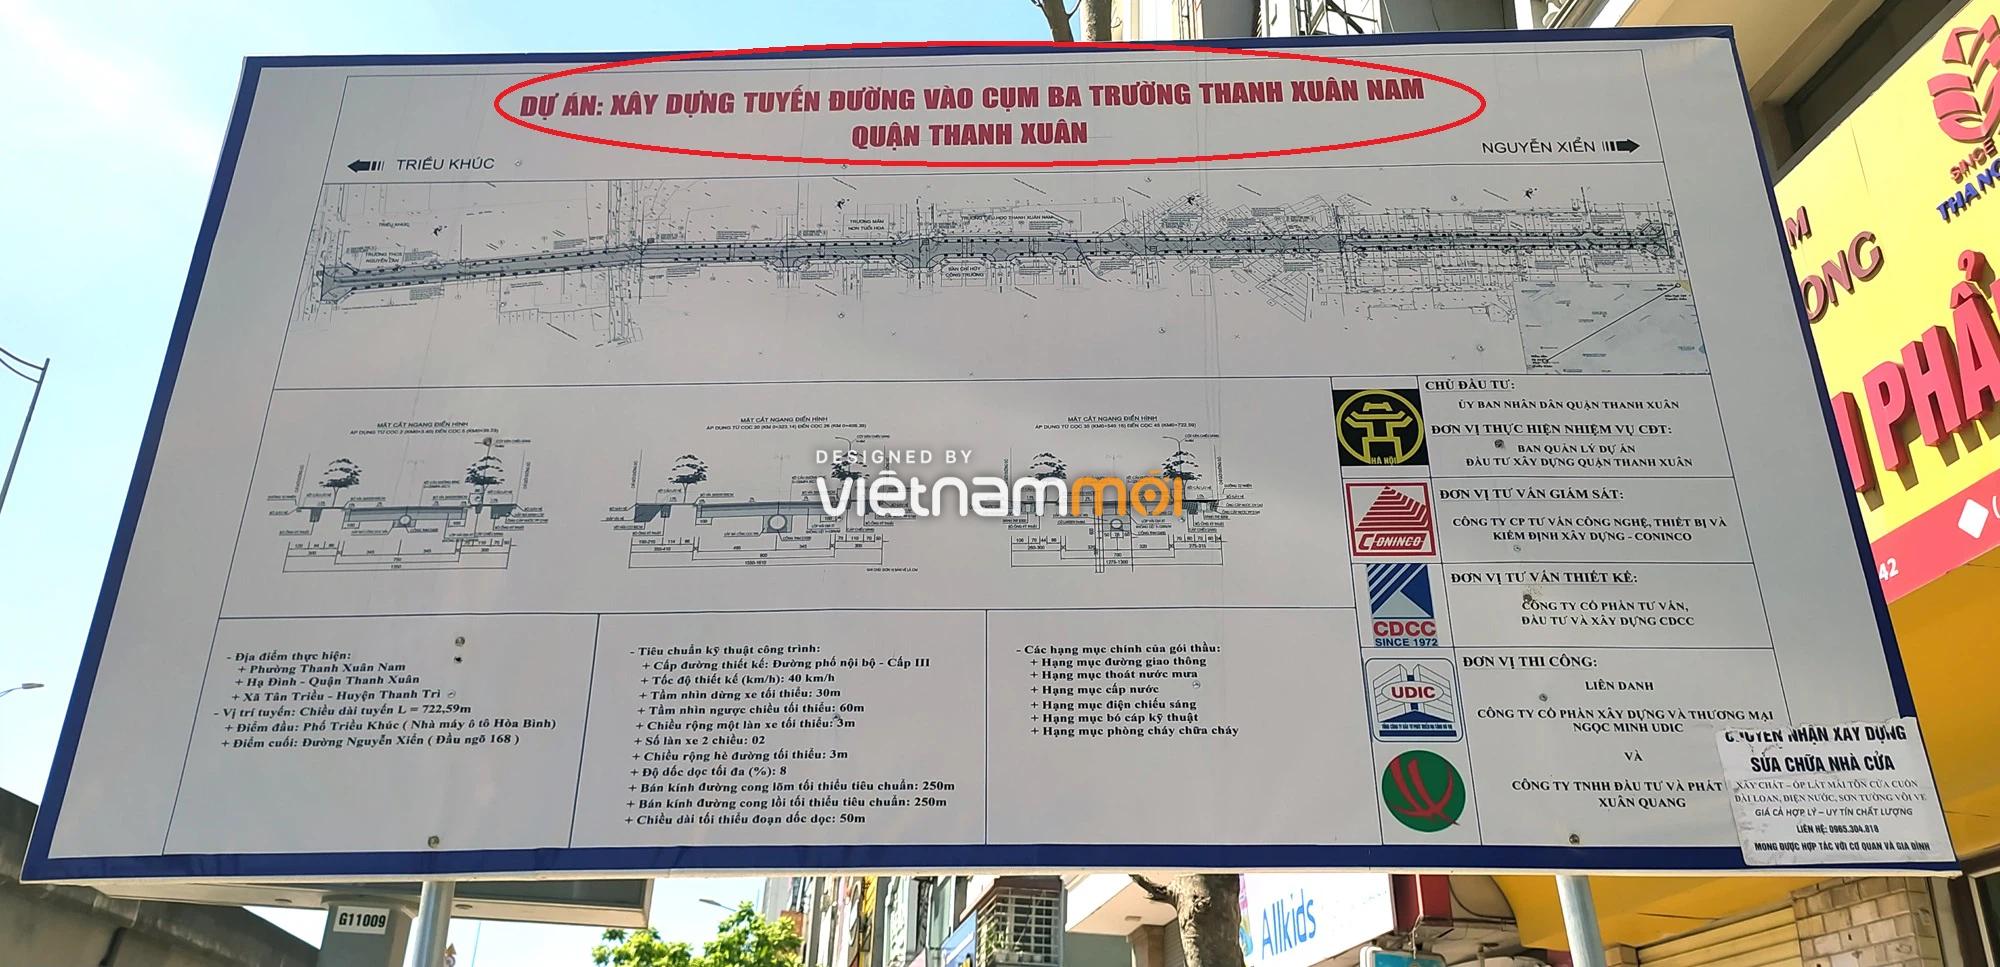 Toàn cảnh tuyến đường vào cụm ba trường Thanh Xuân Nam đang mở theo quy hoạch ở Hà Nội - Ảnh 7.